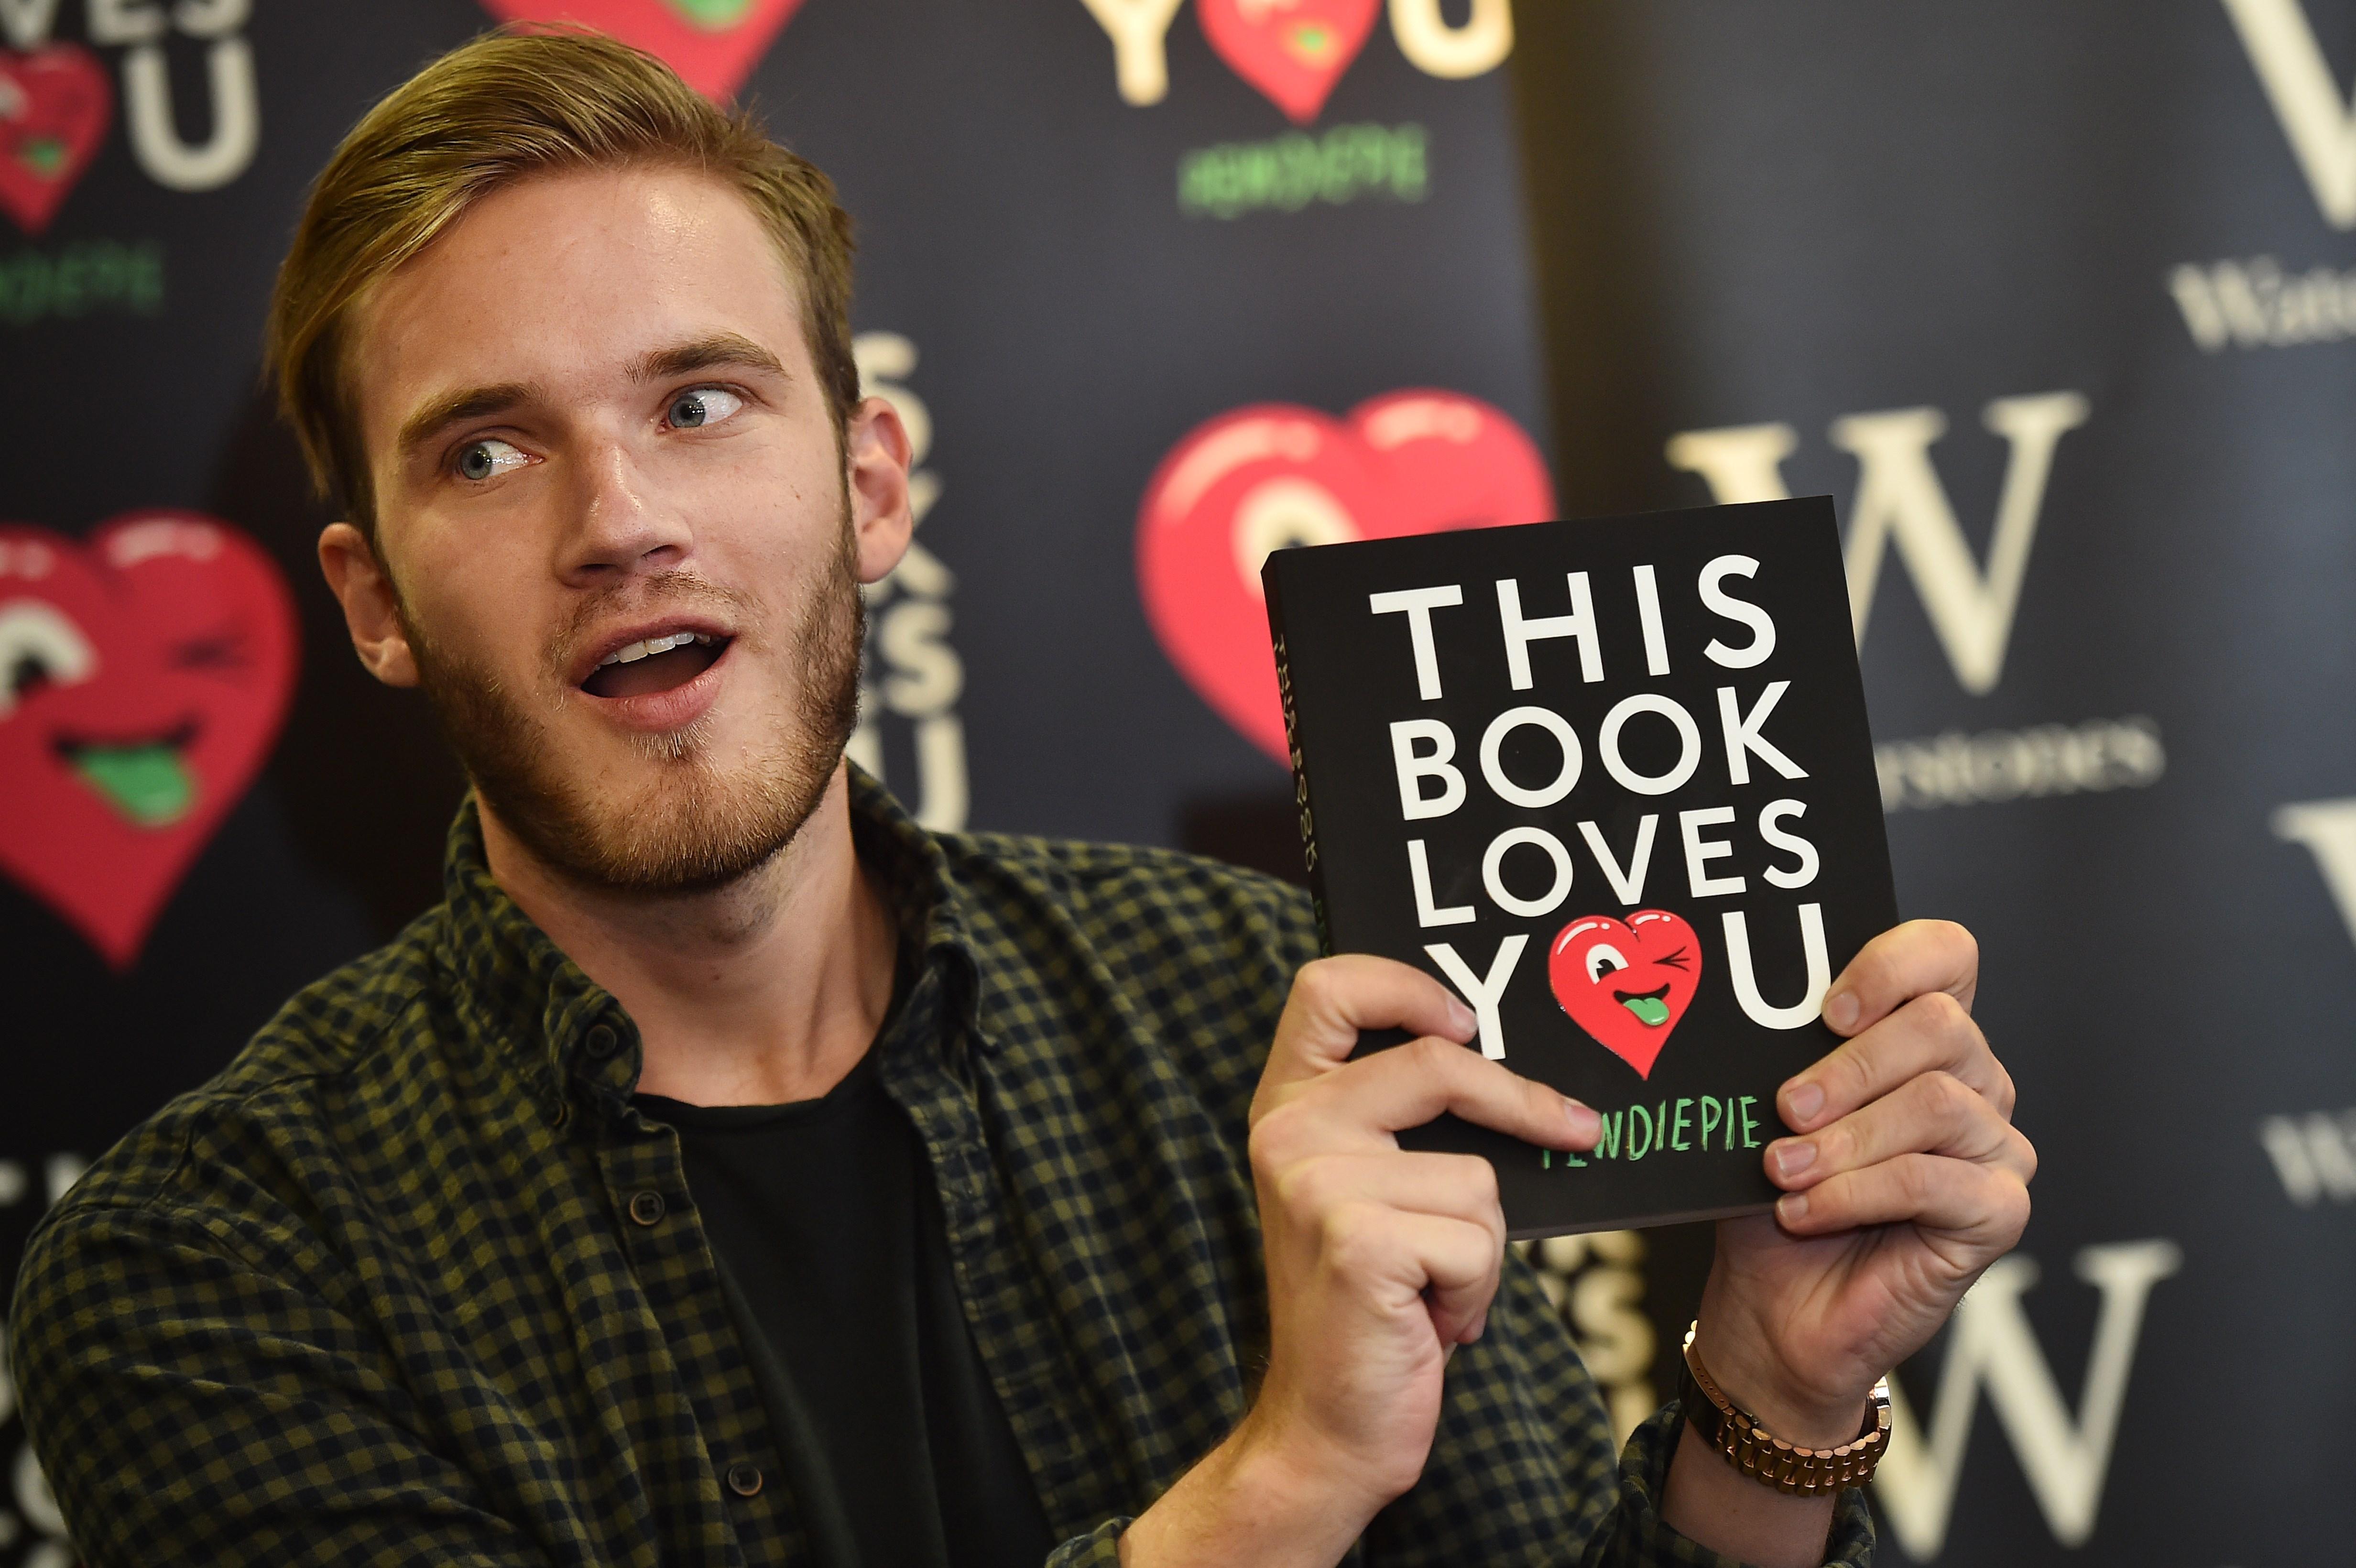 """Felix Kjellberg """"PewDiePie"""" al posar durante la presentación de su libro 'This book loves you' en Londres en octubre del 2015. (Crédito: BEN STANSALL/AFP/Getty Images)"""